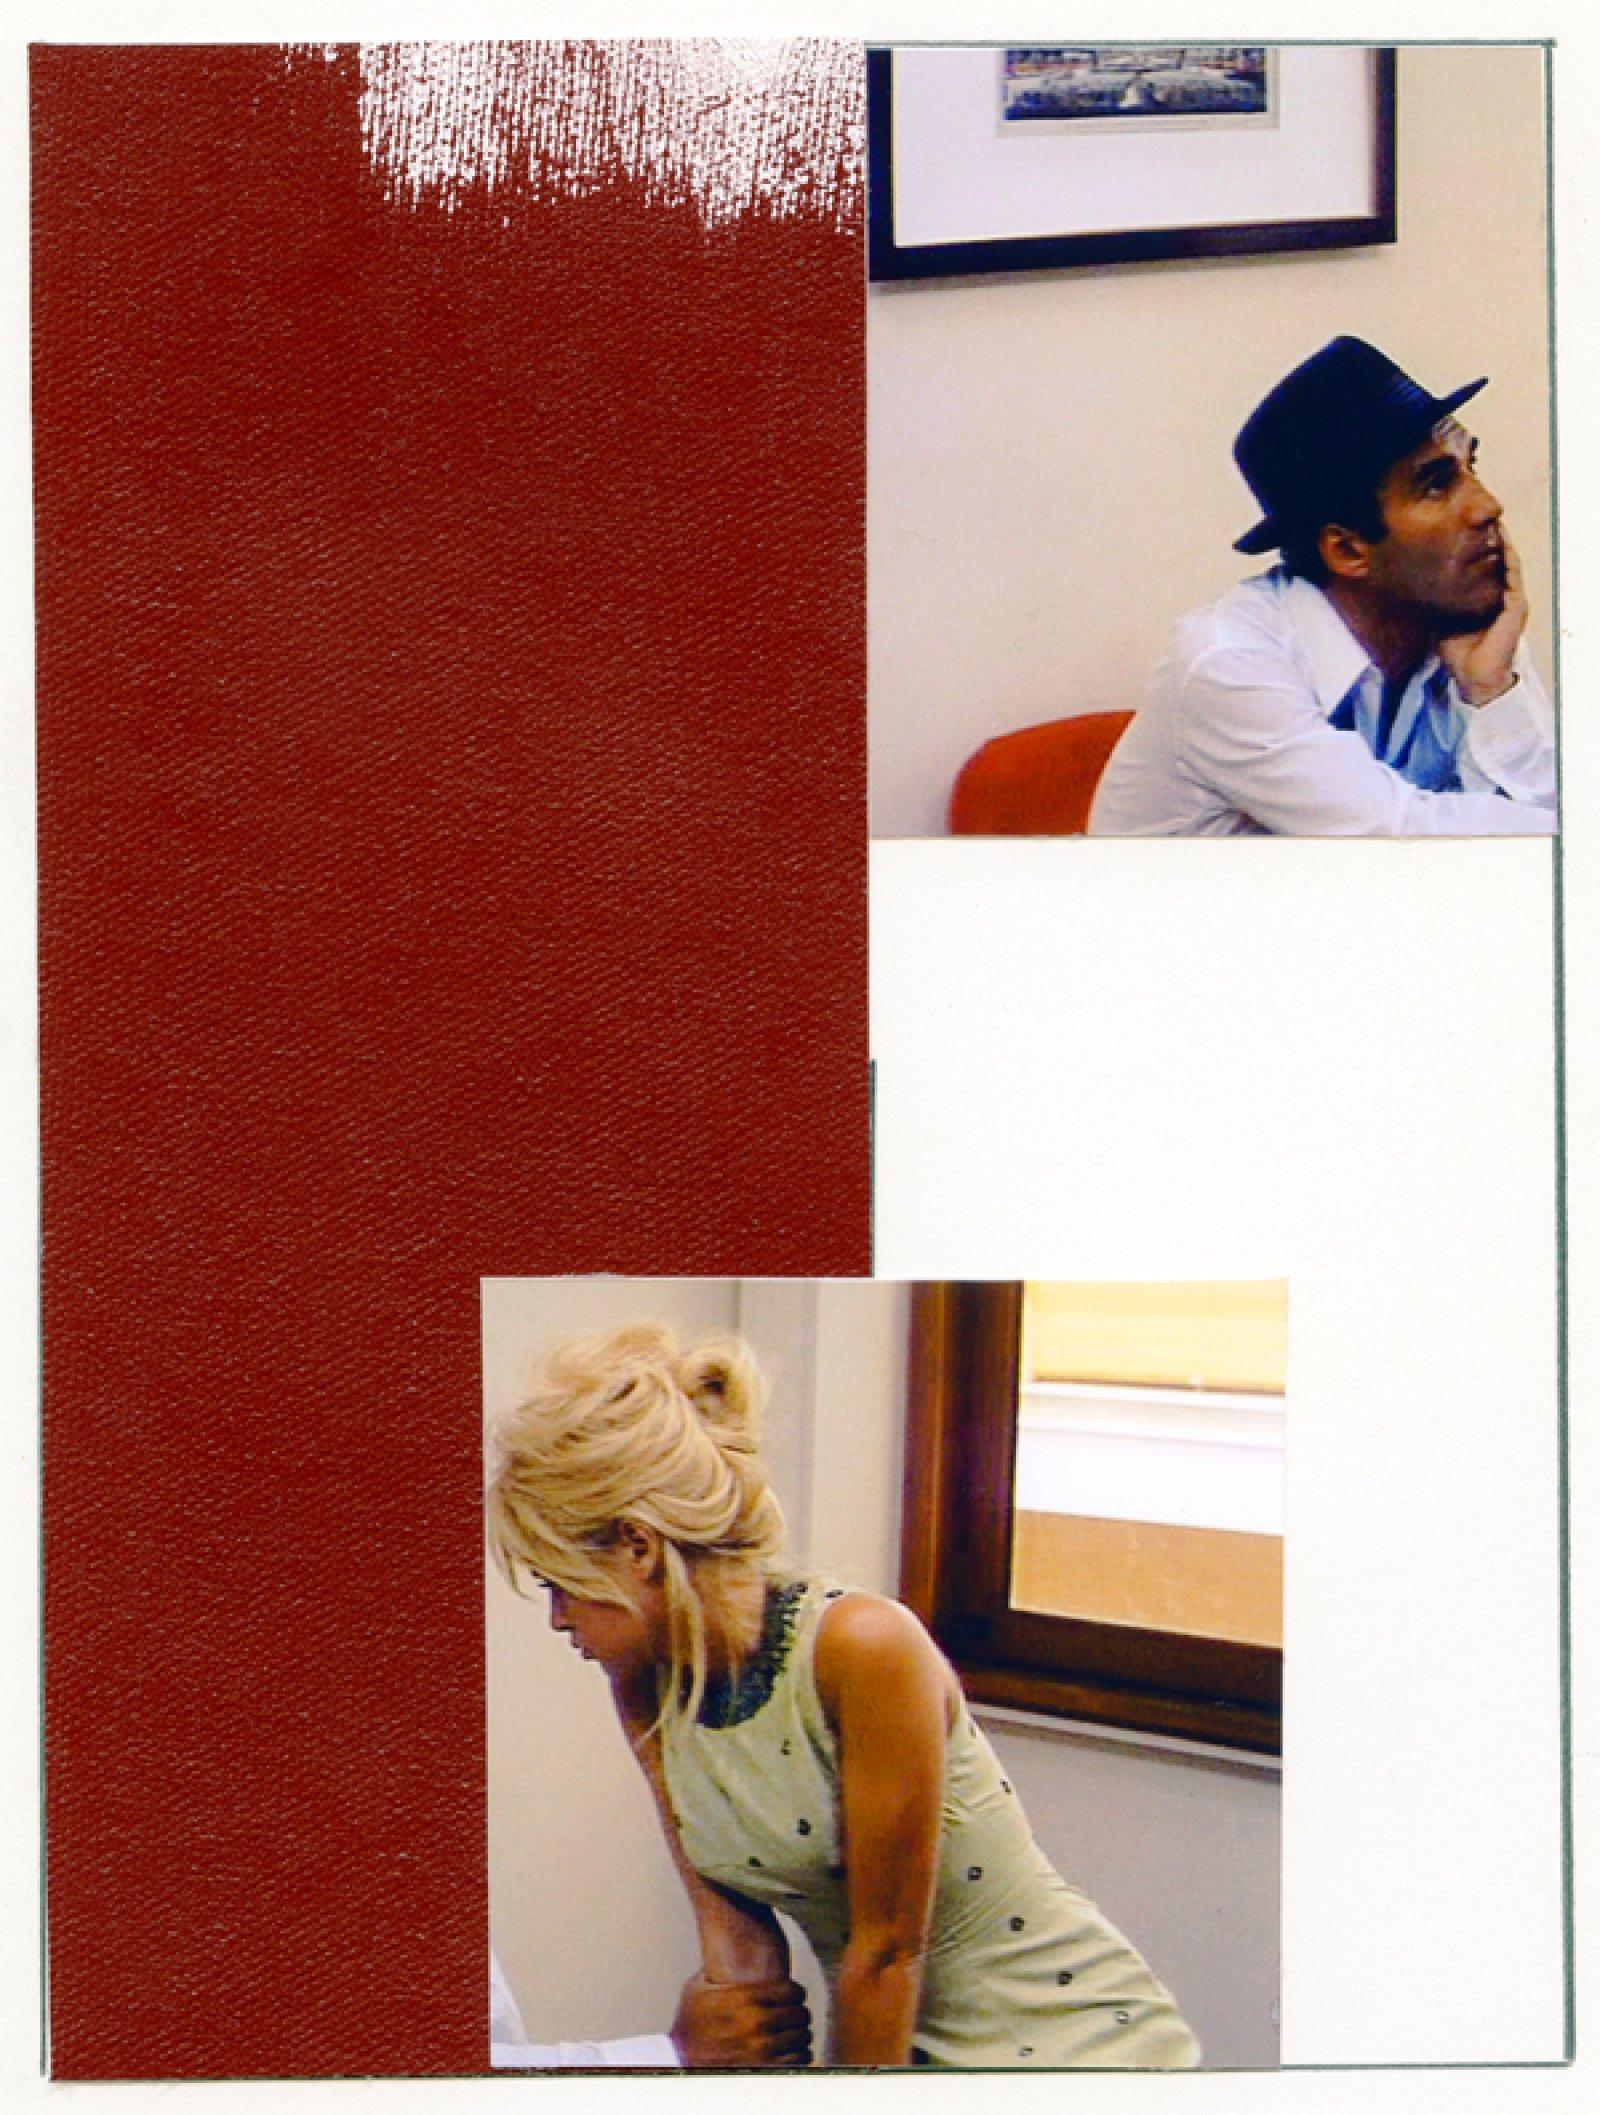 Ian Wallace, Enlarged Inkjet Study for Le Mépris I, 2010, inkjet print, 47 x 35 in. (119 x 89 cm)   by Ian Wallace